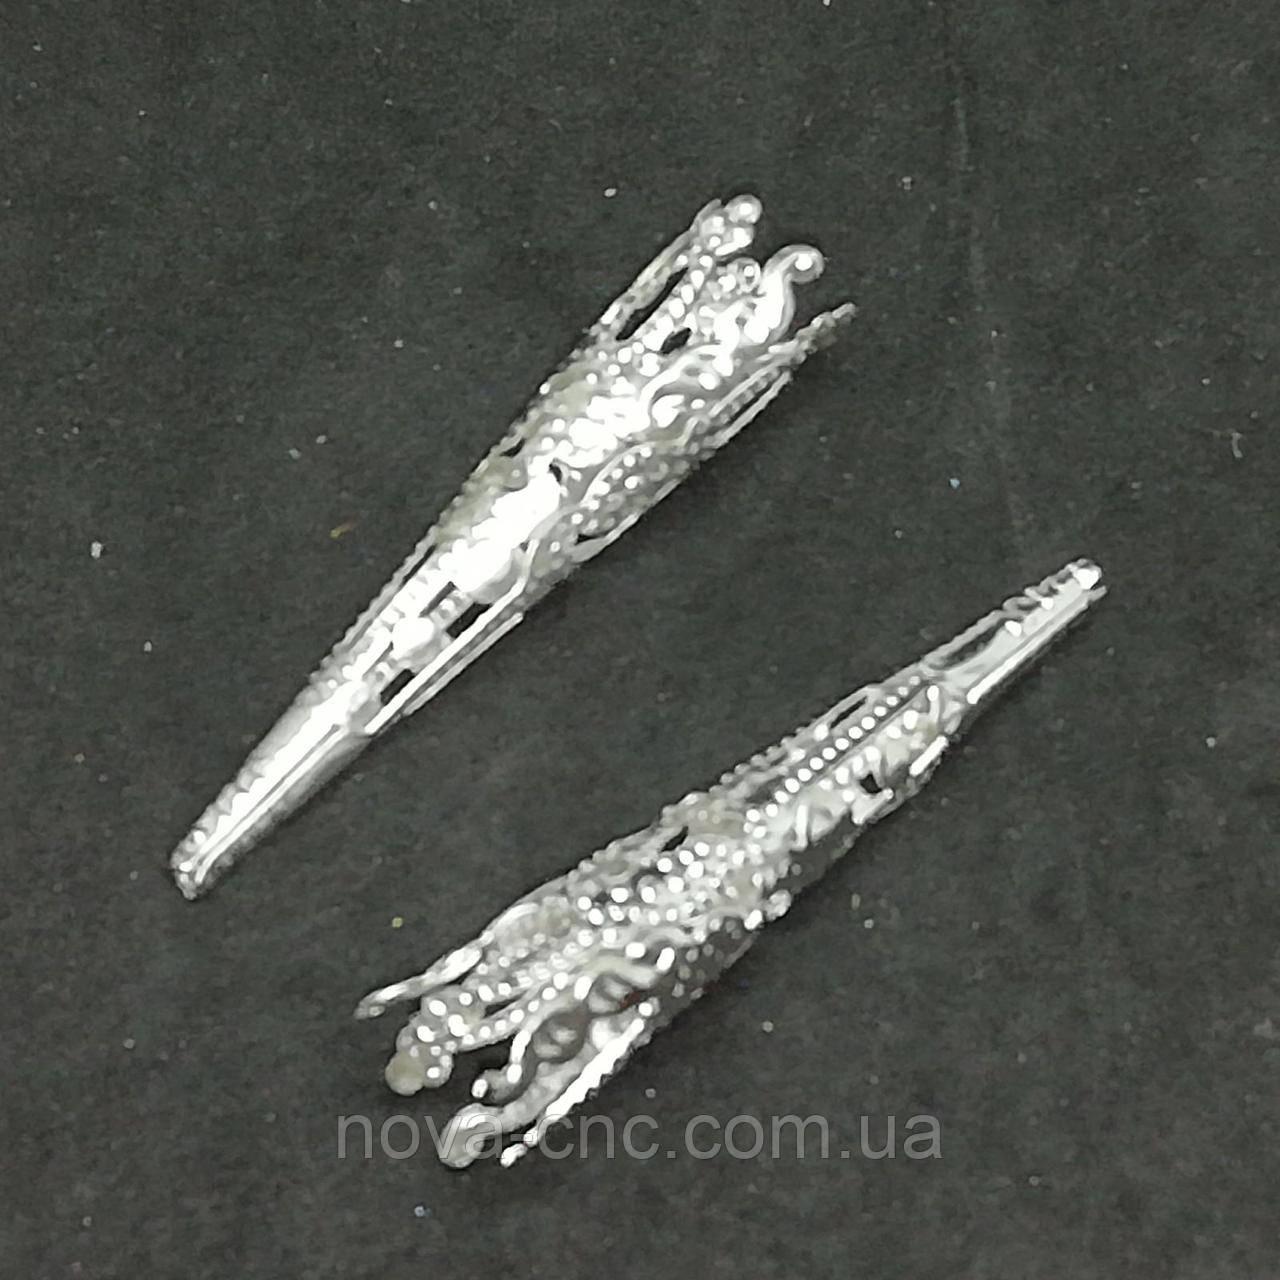 """Обниматель для бусин """"Когти"""" 40 мм 25 шт серебро"""